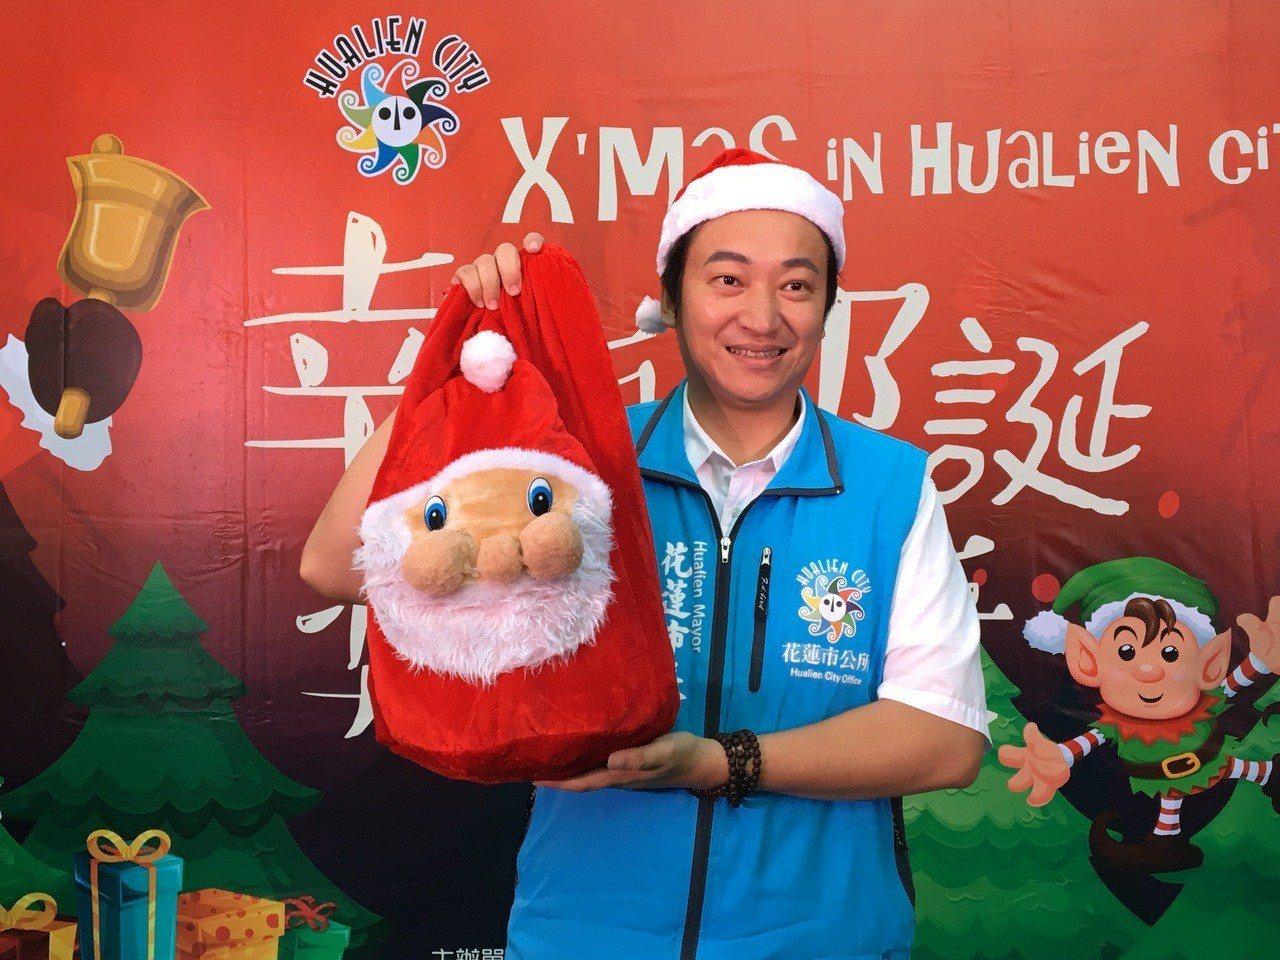 花蓮市長魏嘉賢今天變身為耶誕老人為活動熱身。記者徐庭揚/攝影